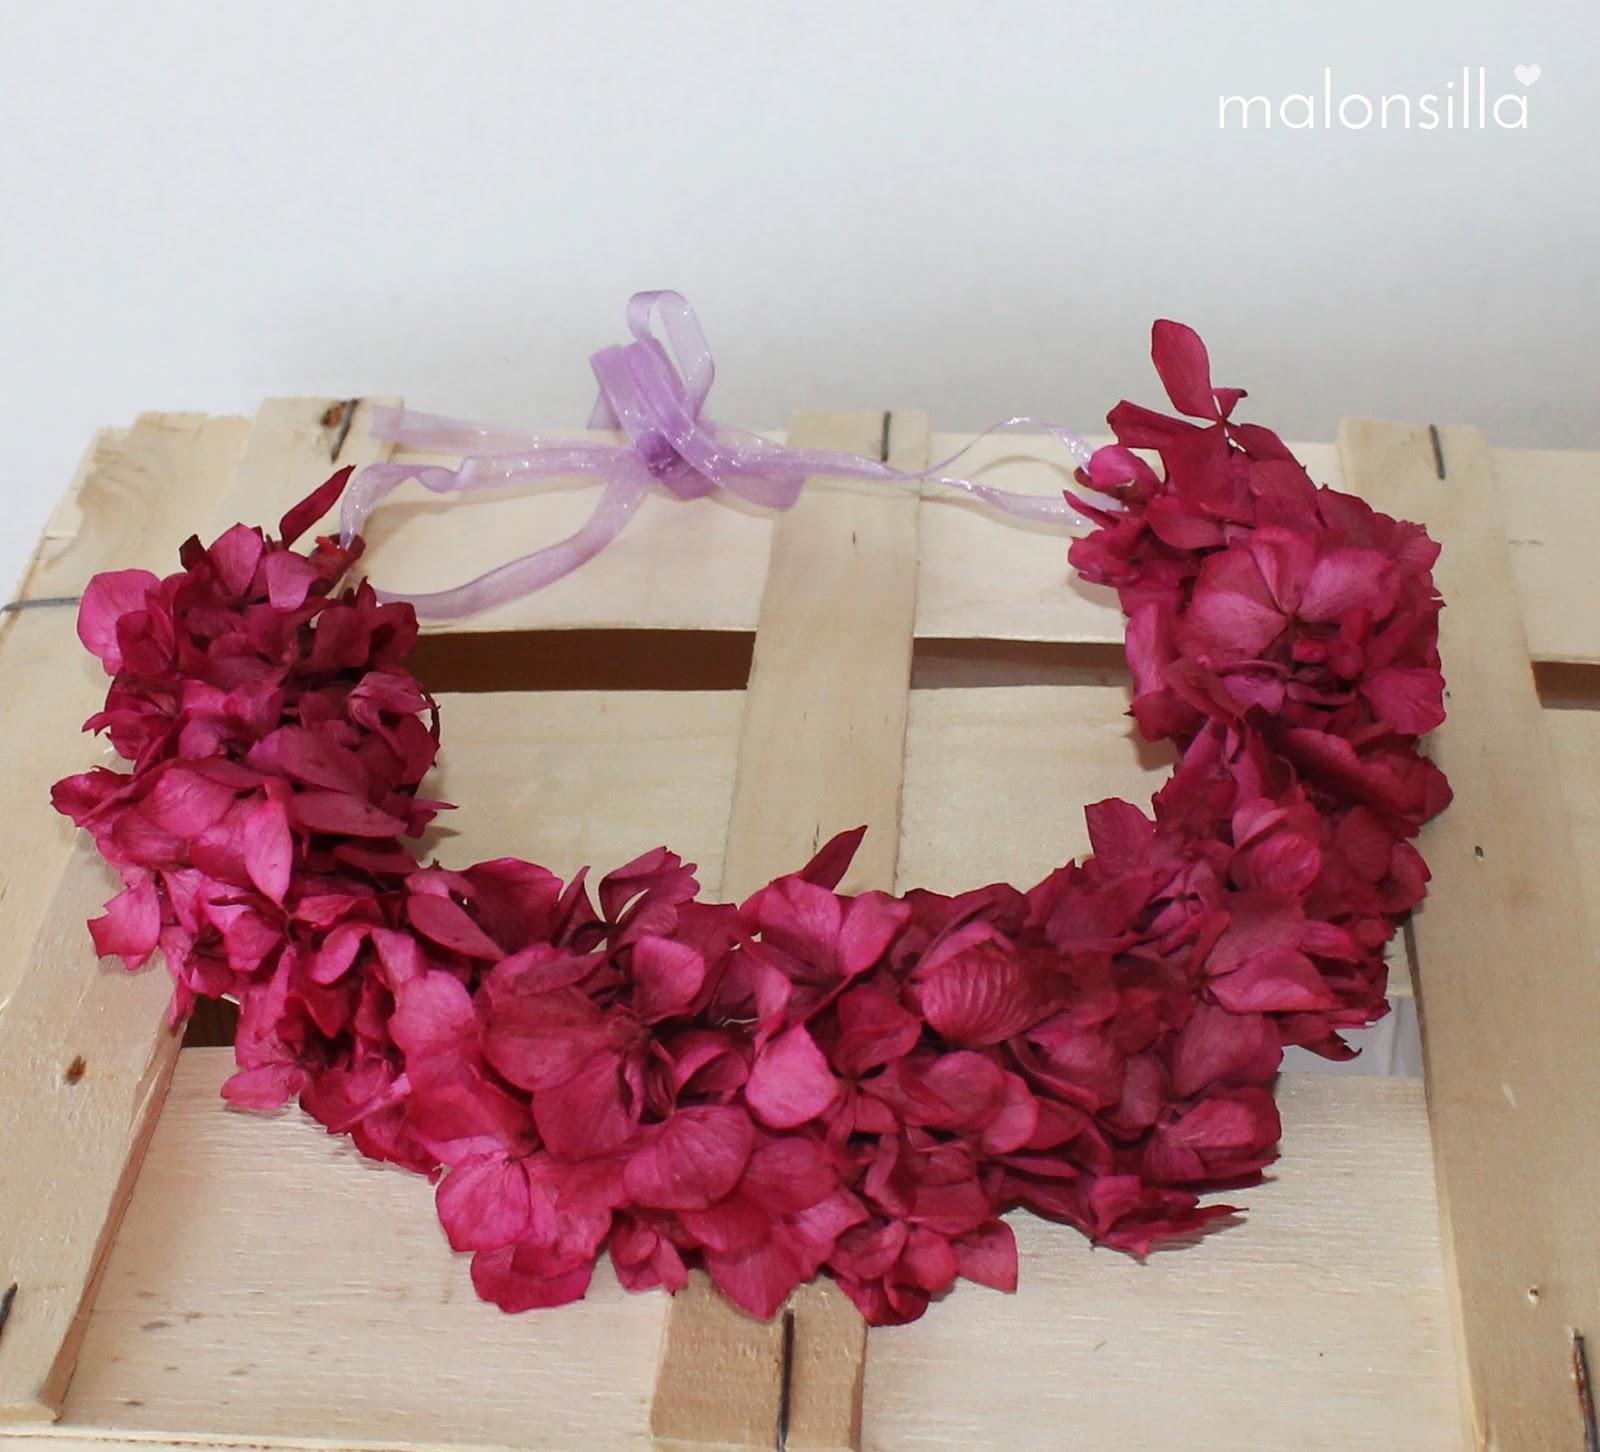 Nekane de boda con corona de flores puentedey malonsilla - Coronas de flore ...